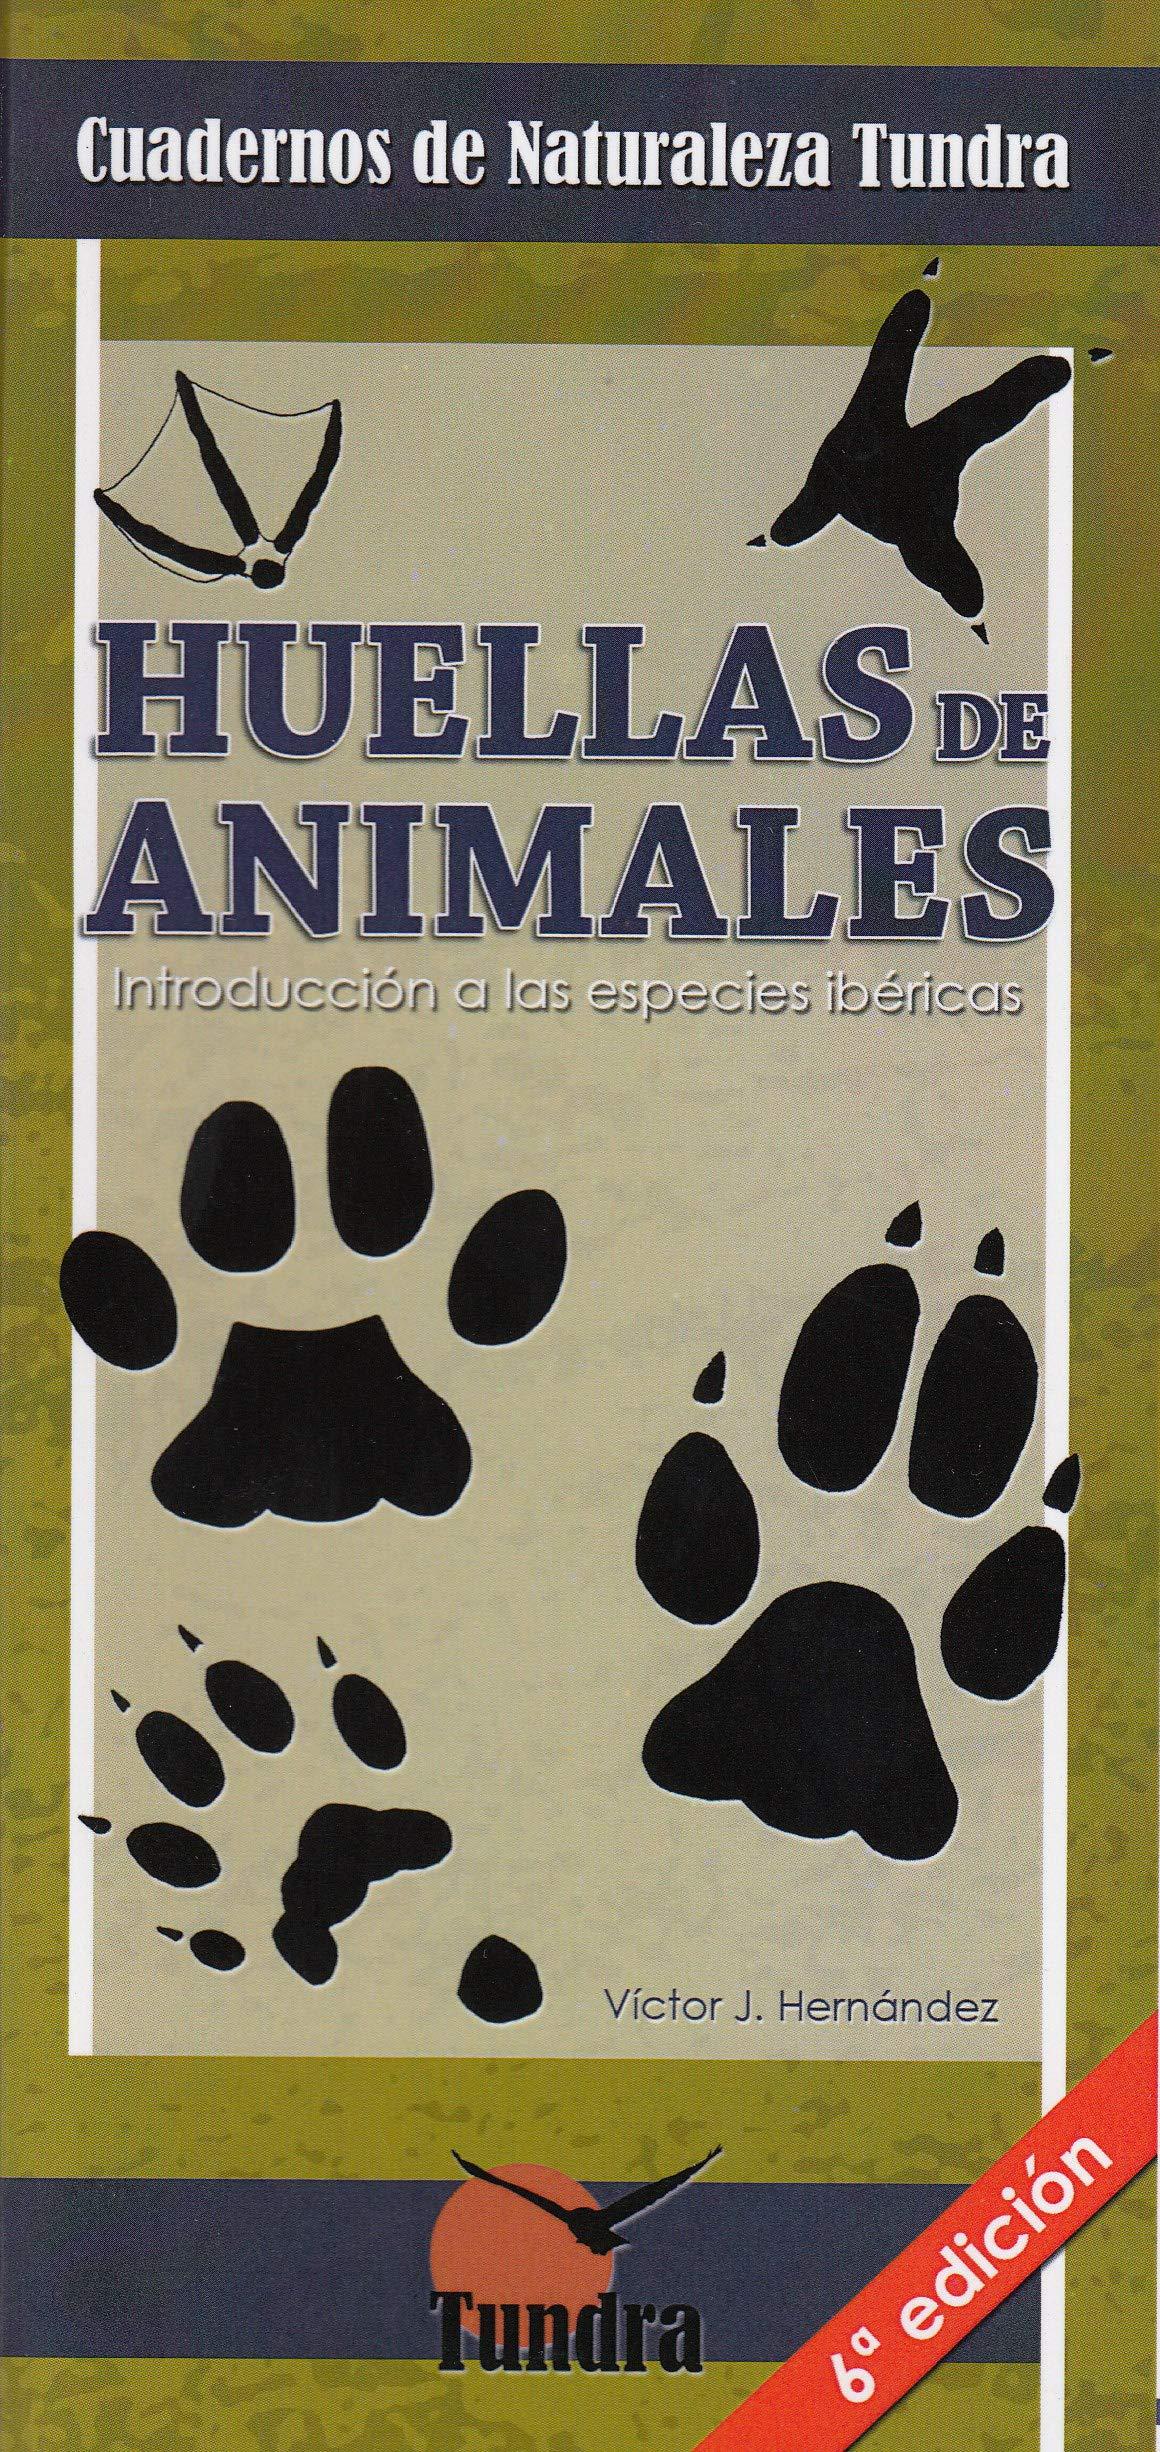 Huellas de animales 6ª ed. Introducción a las especies ibéricas: Amazon.es: Victor J. Hernández: Libros